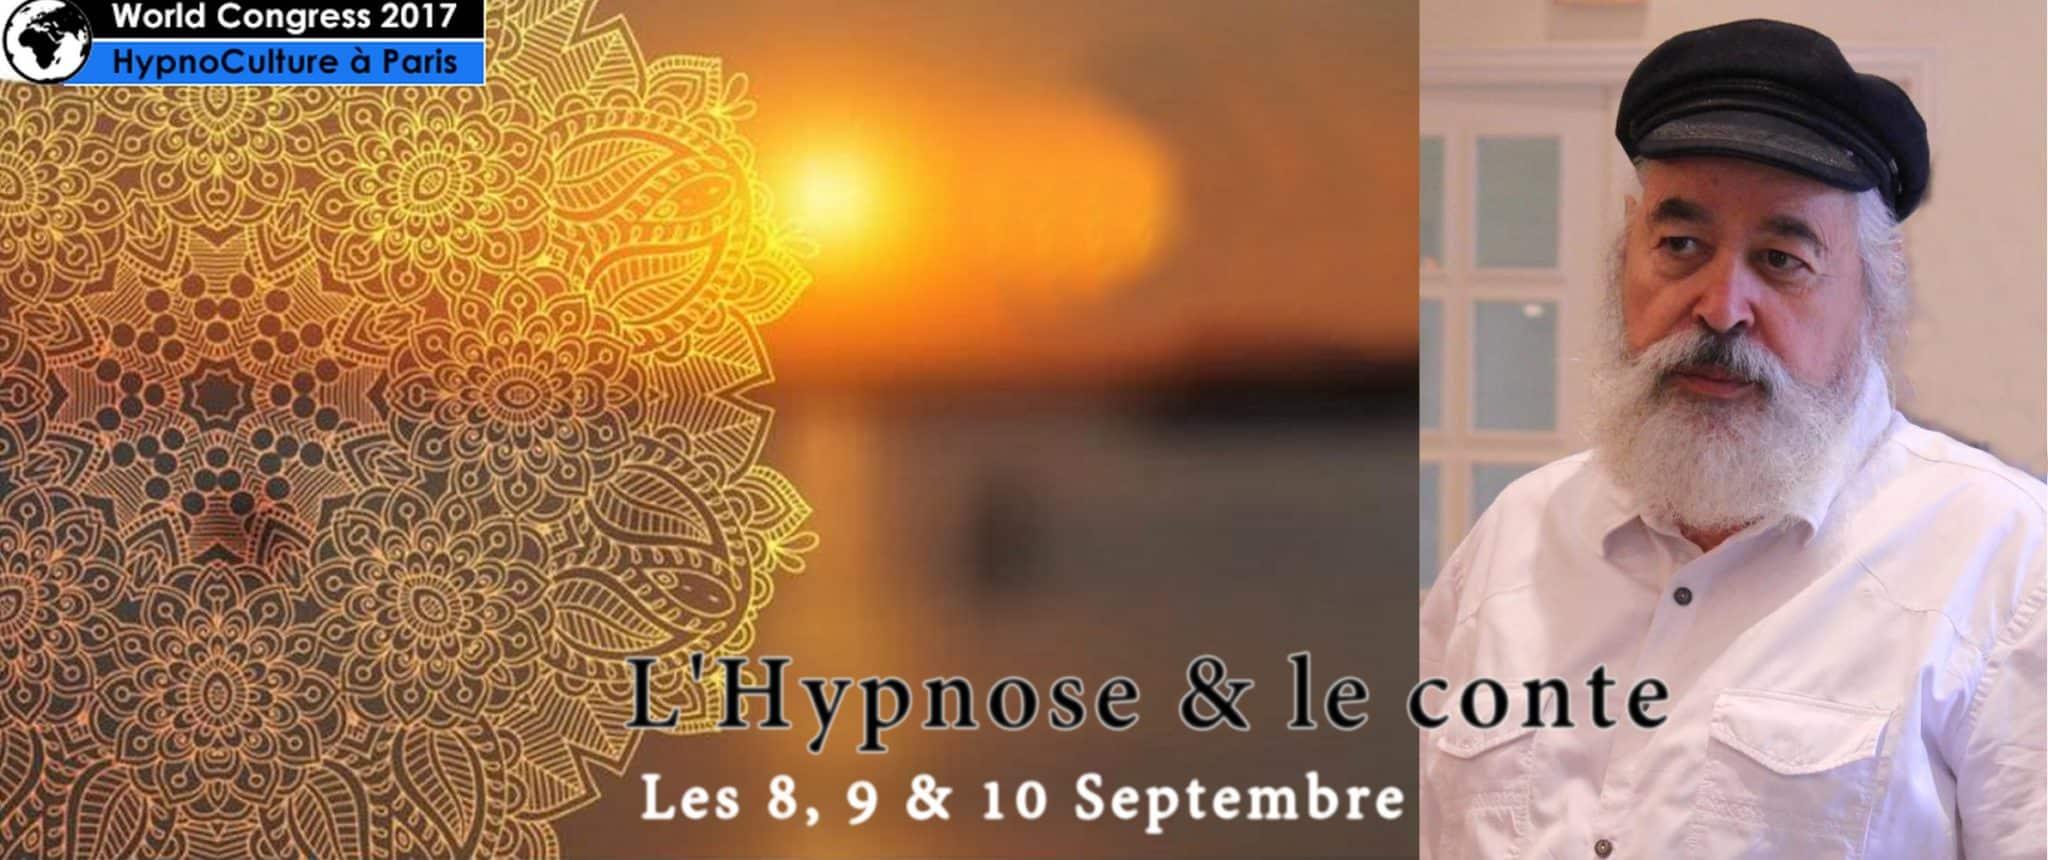 L'hypnose et le conte